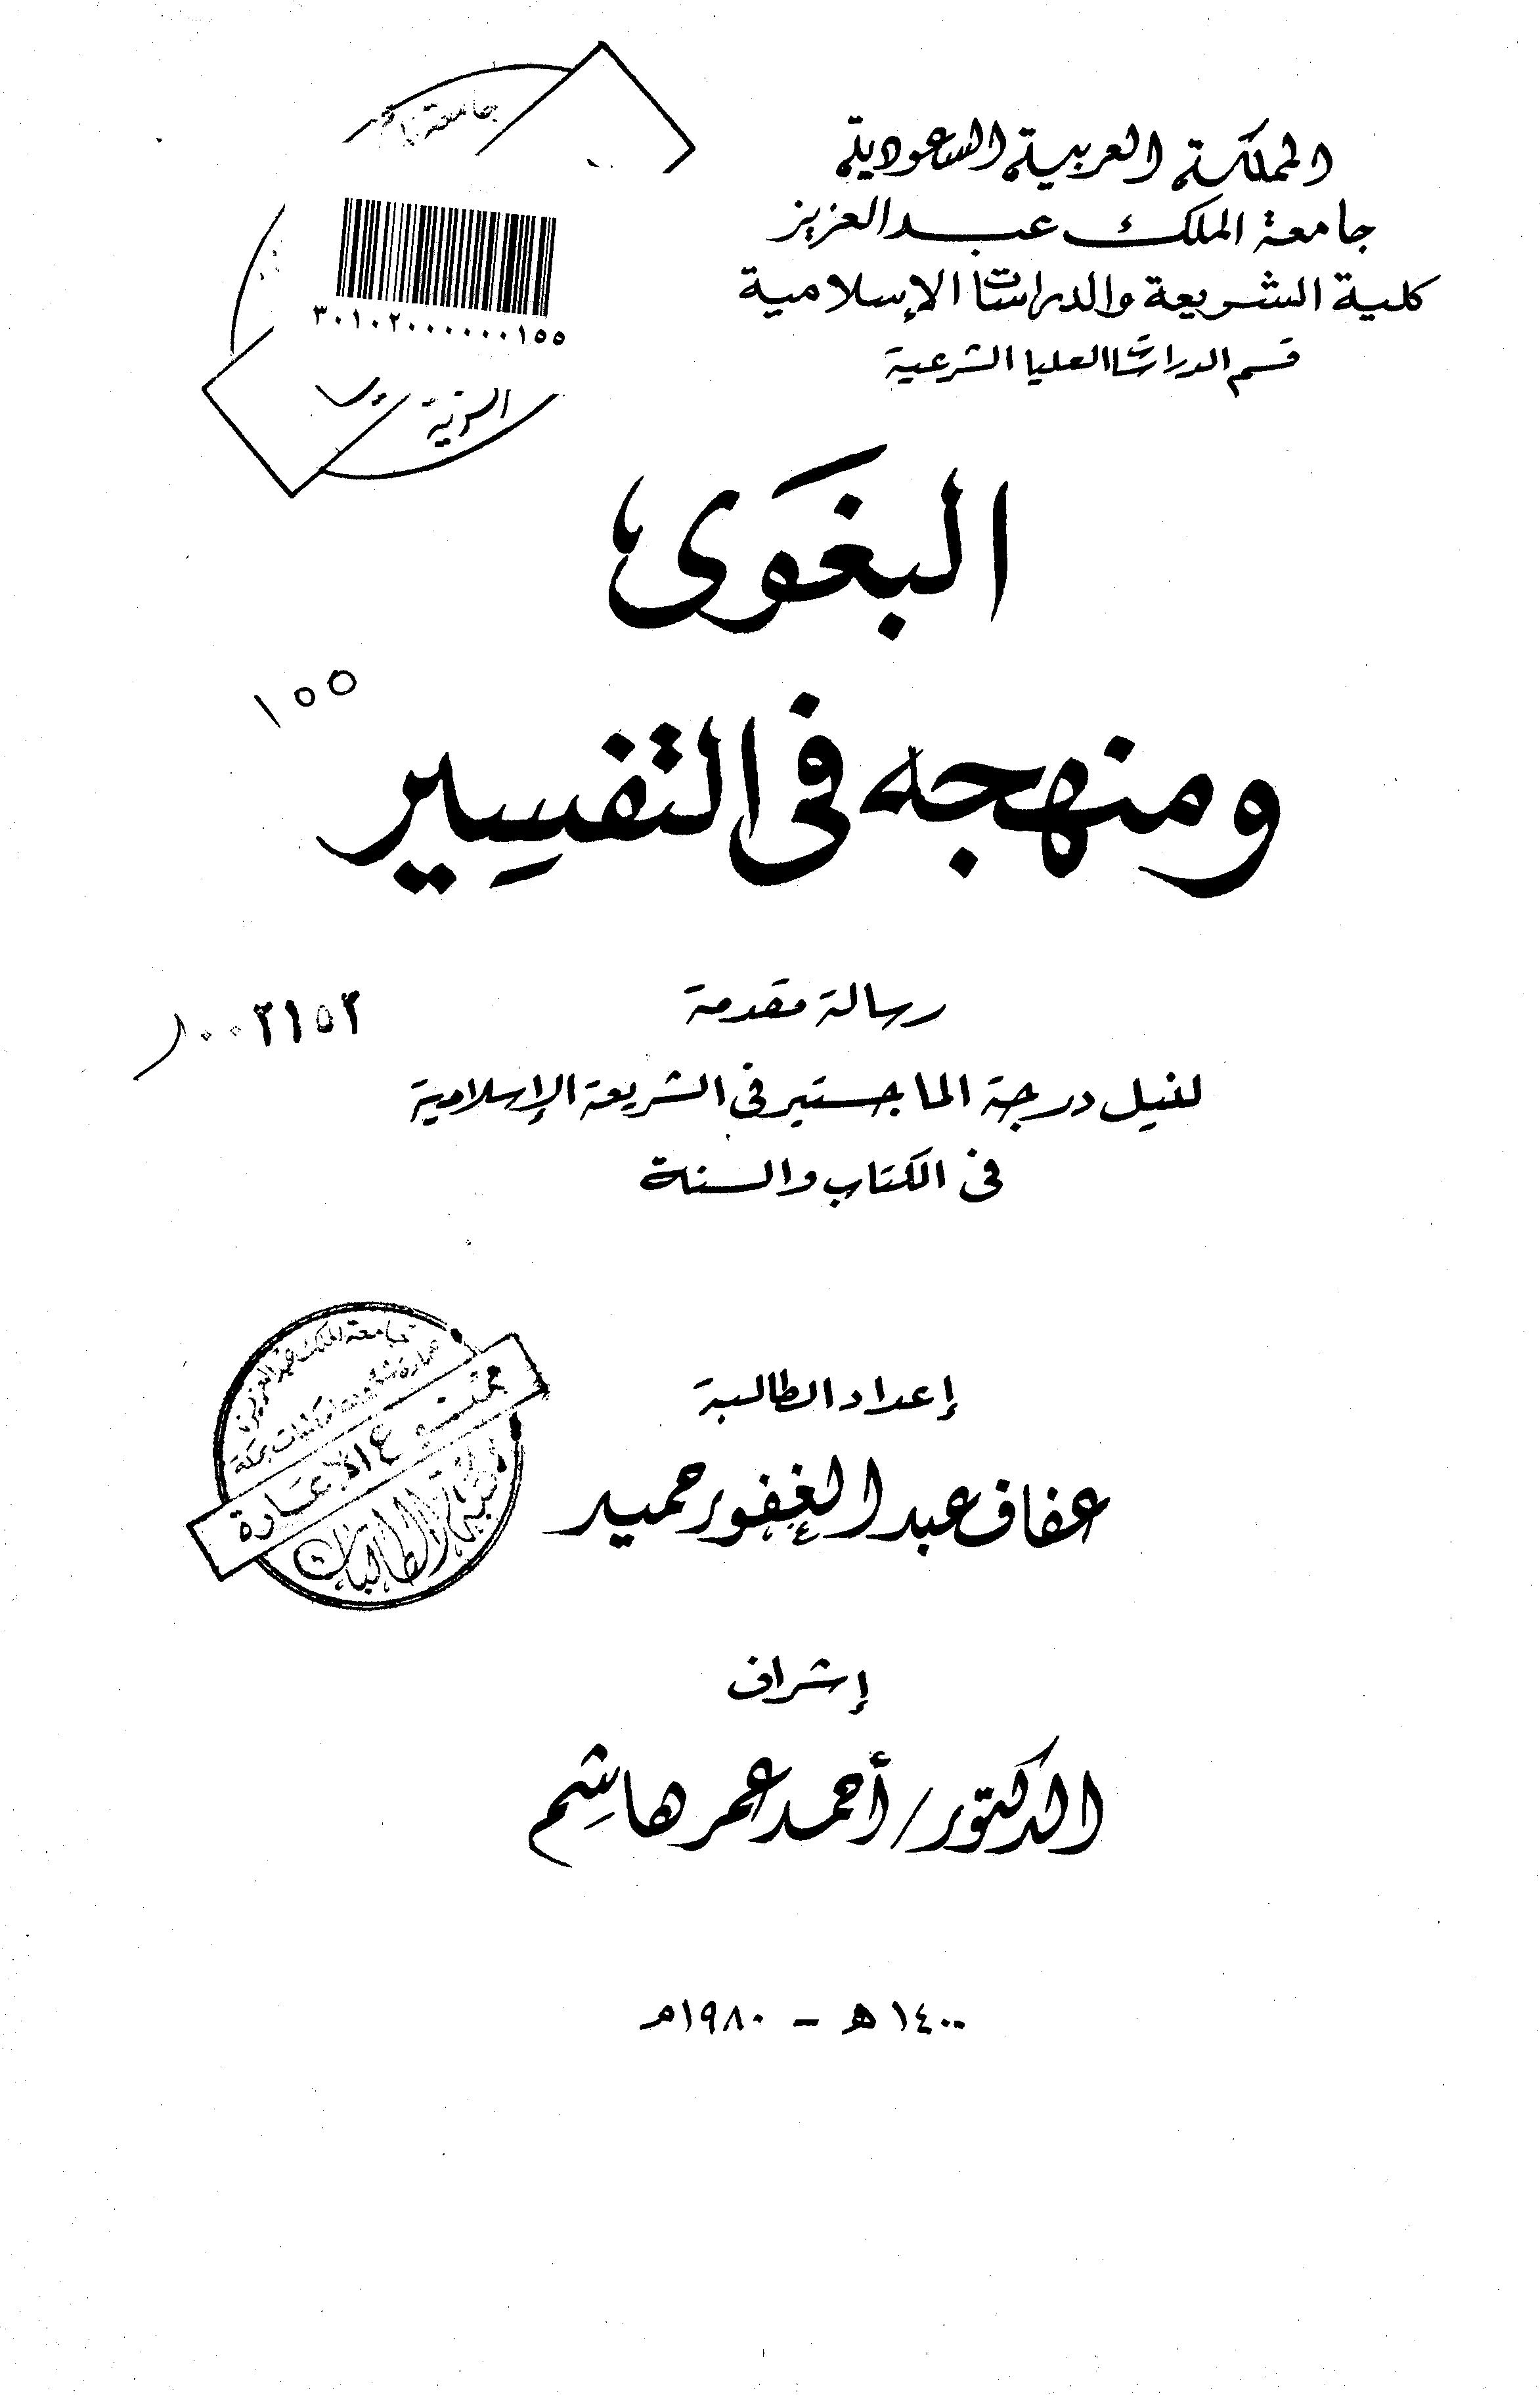 تحميل كتاب البغوي ومنهجه في التفسير لـِ: عفاف عبد الغفور حميد